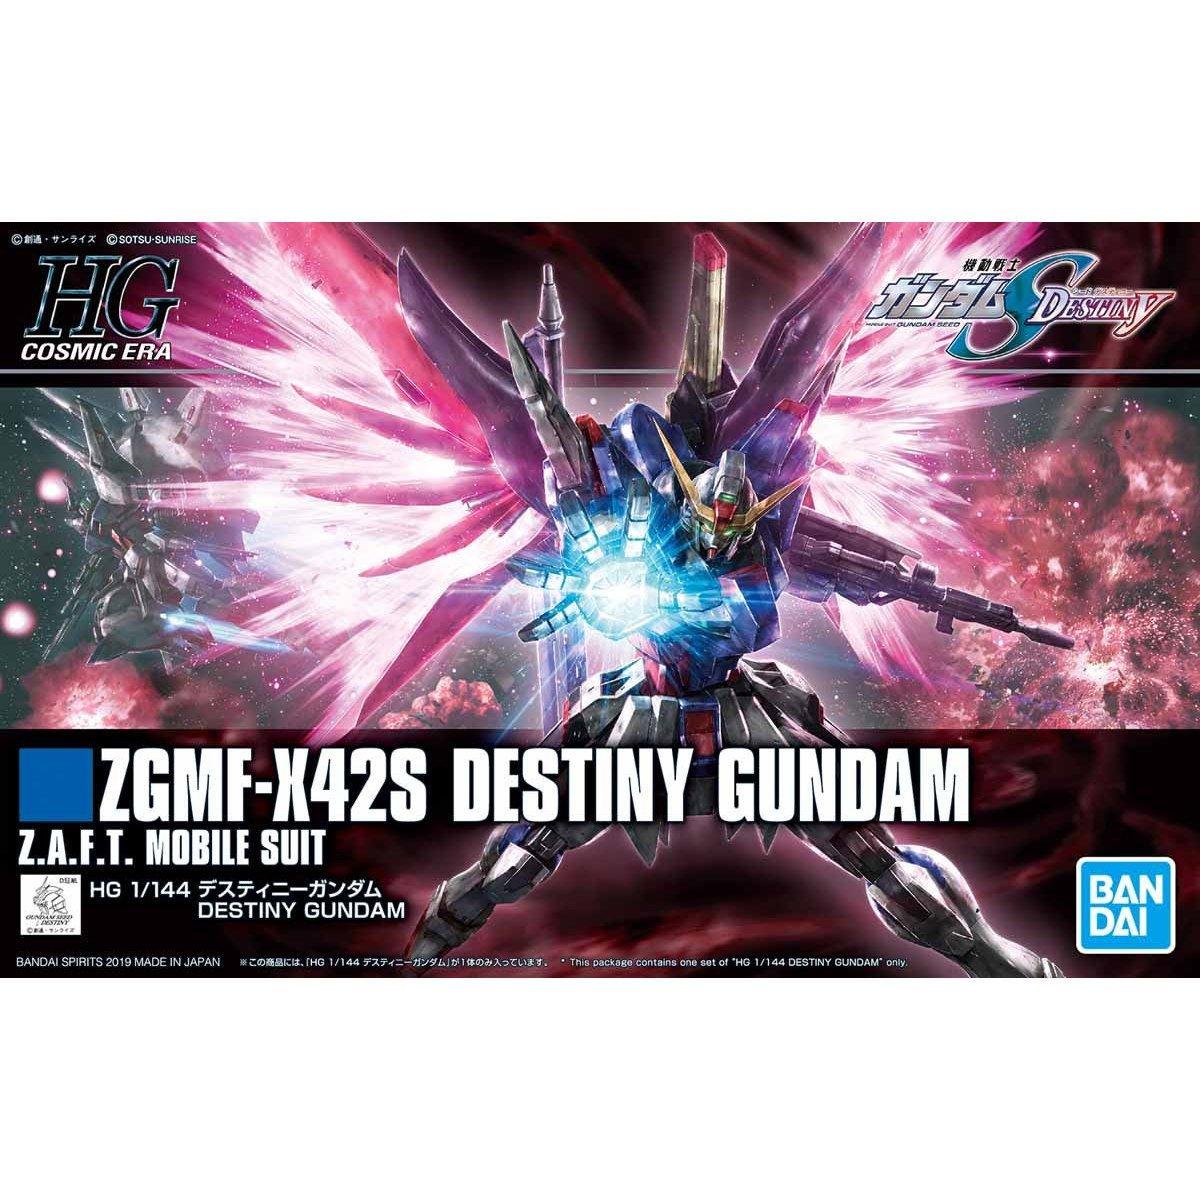 鋼彈gundam組合模型 HGCE 1/144 #224 命運鋼彈